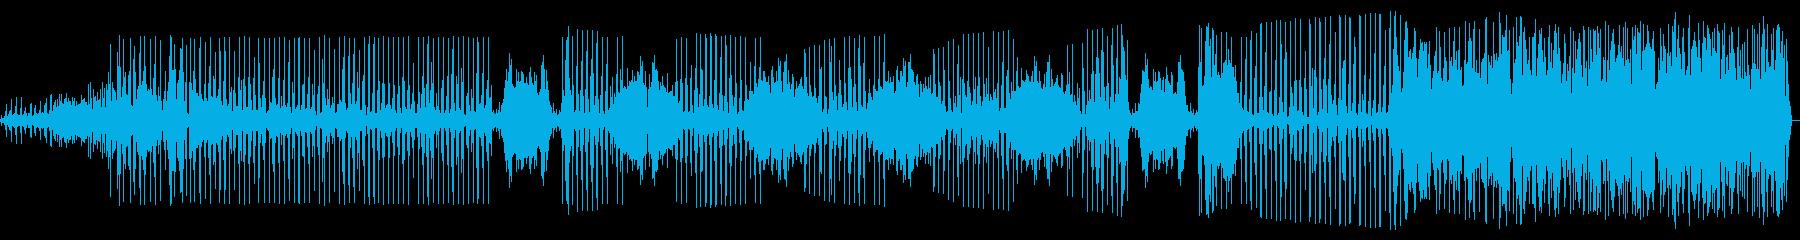 干渉のあるバンド全体の無線の調整の再生済みの波形